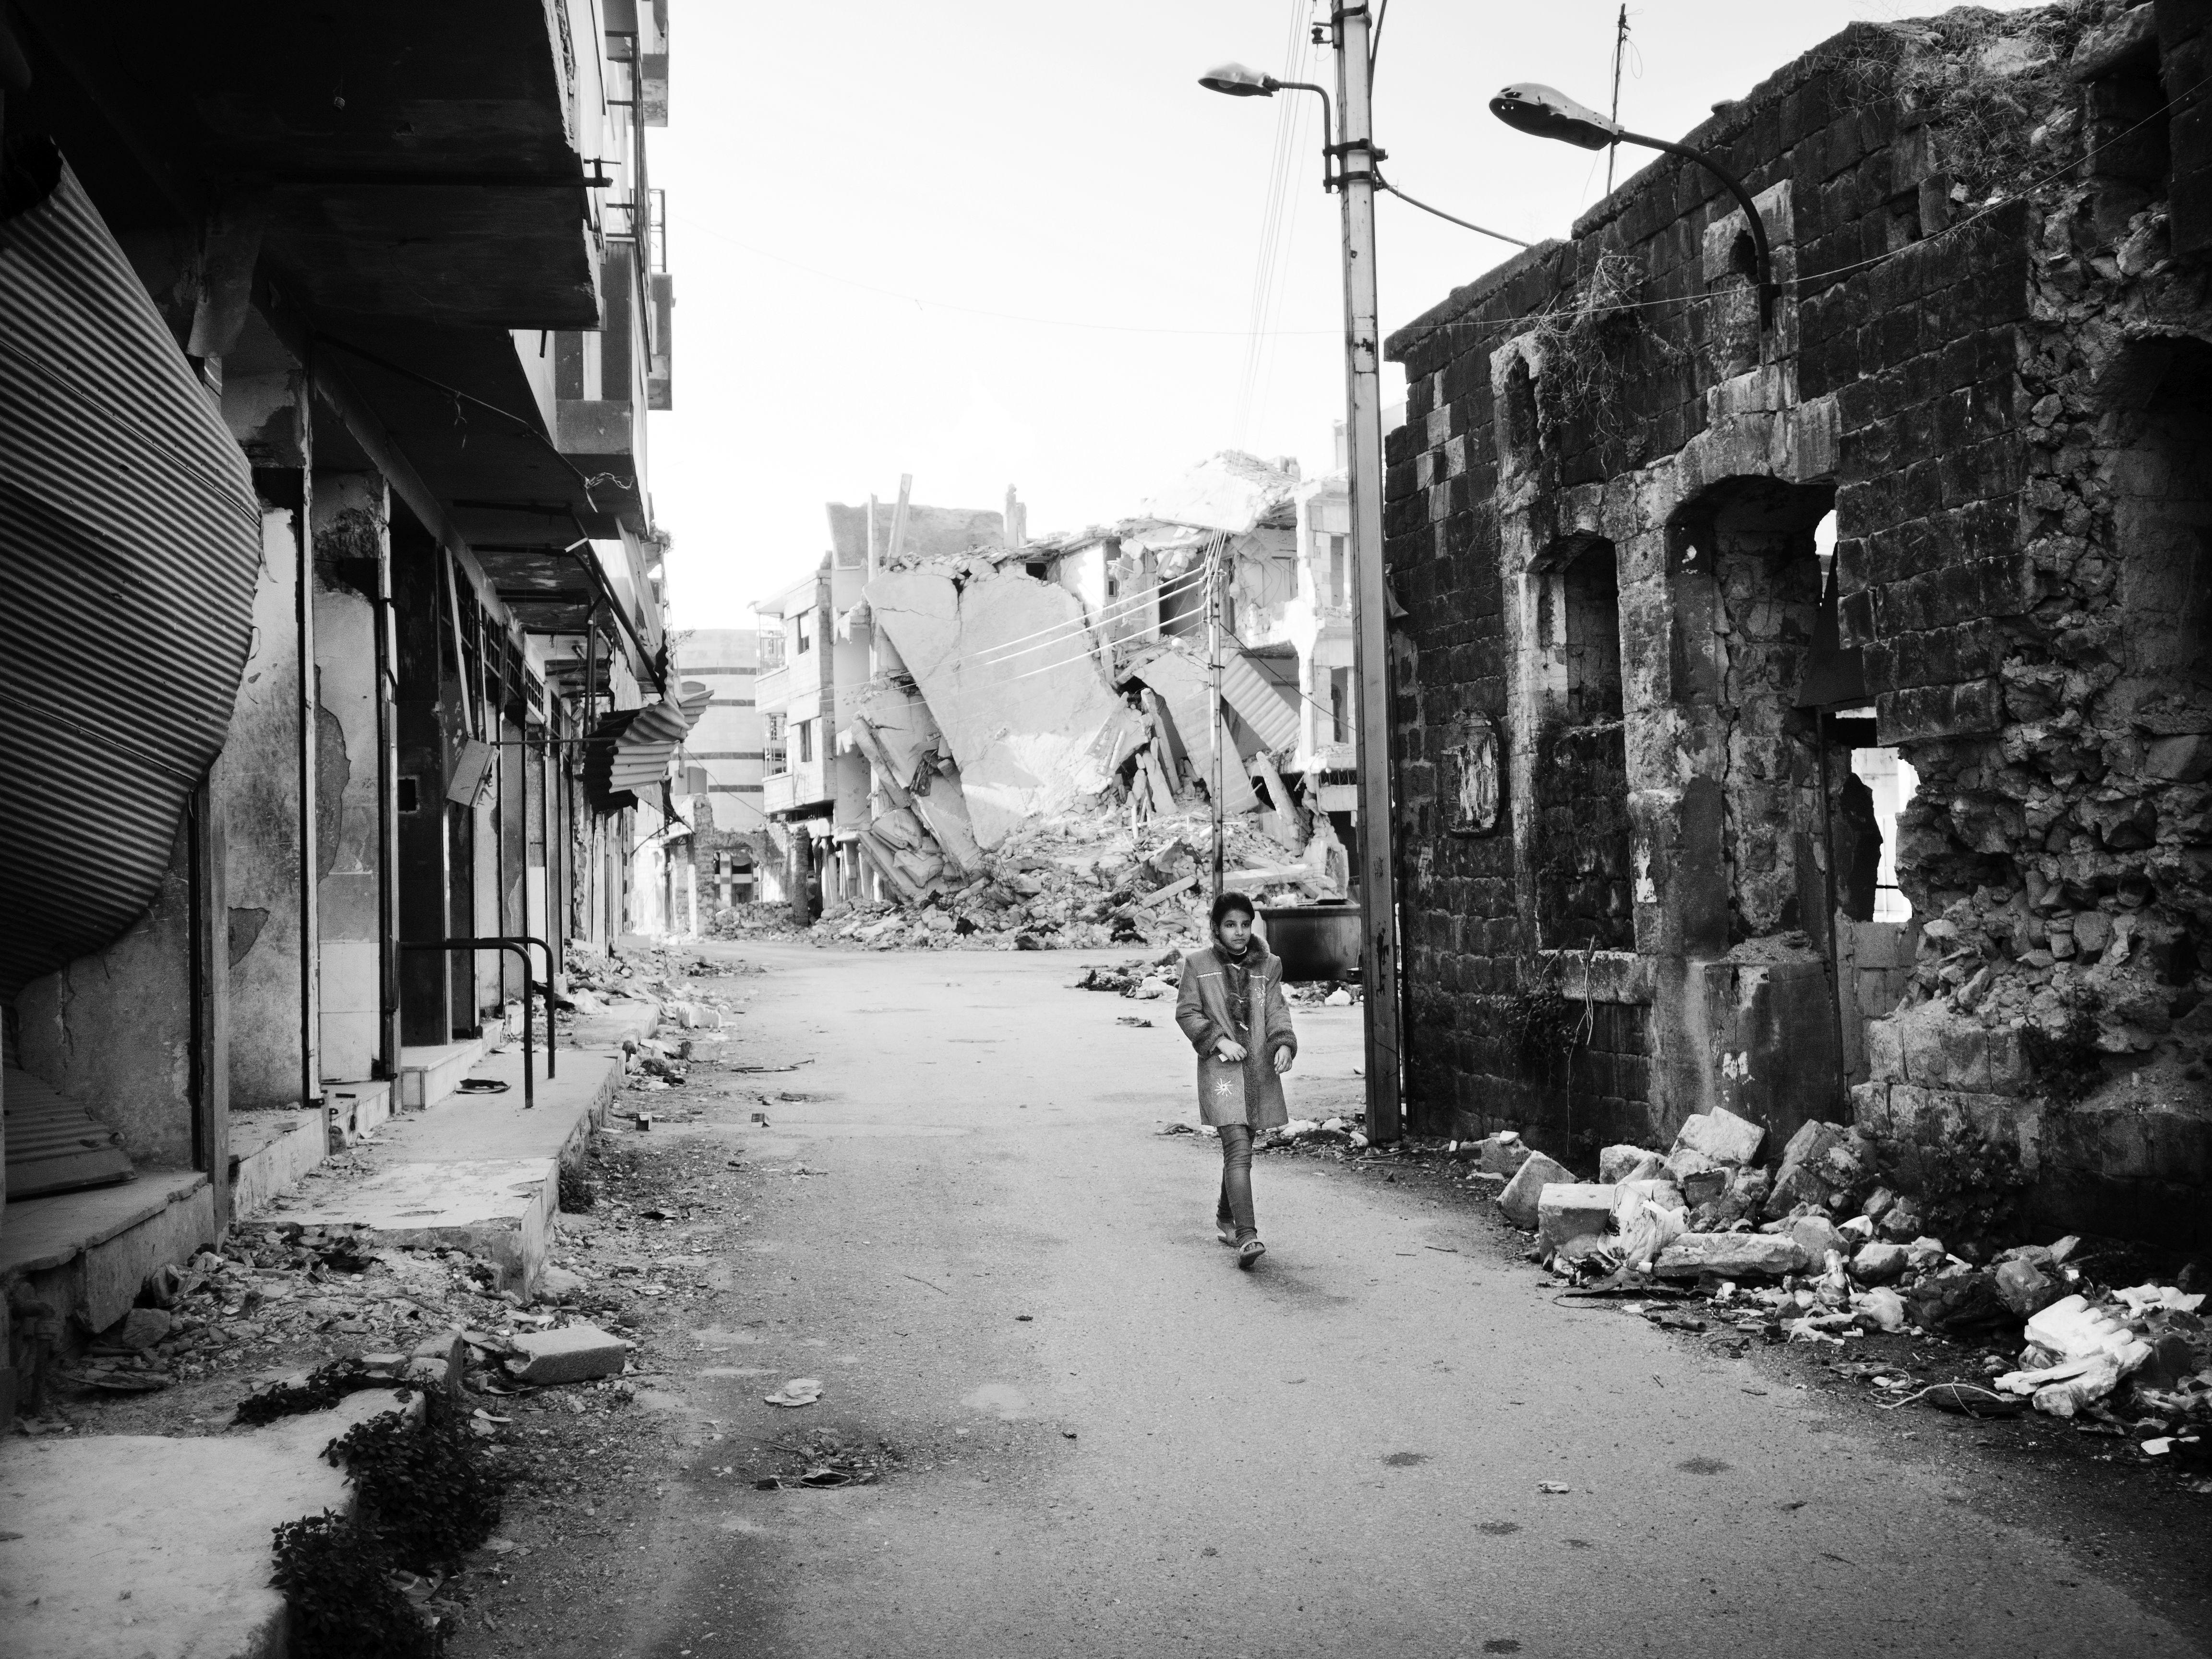 Syrien, Homs: Ruinerne i den gamle bydel.